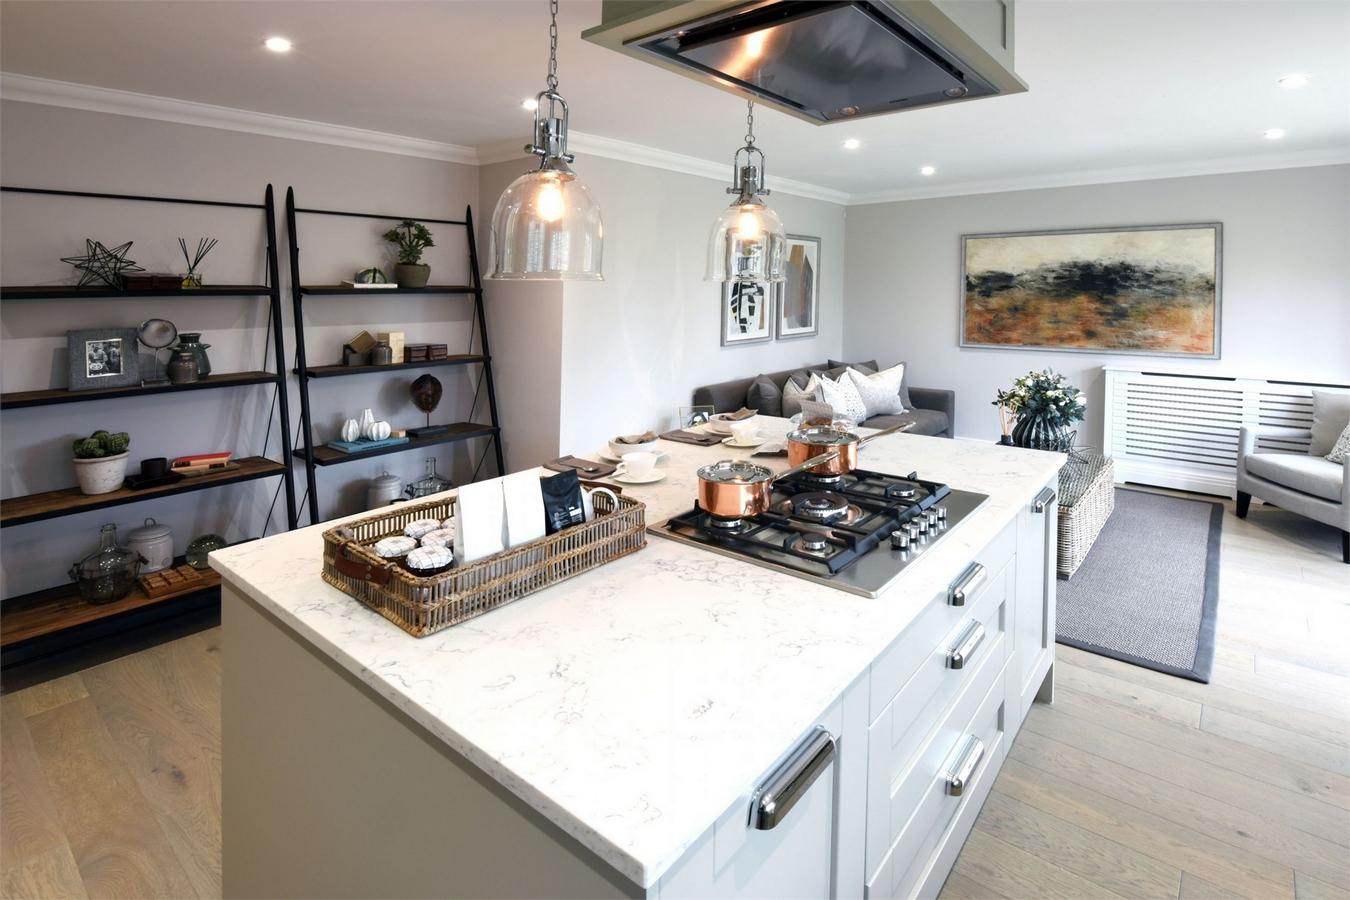 Caple,Kitchen